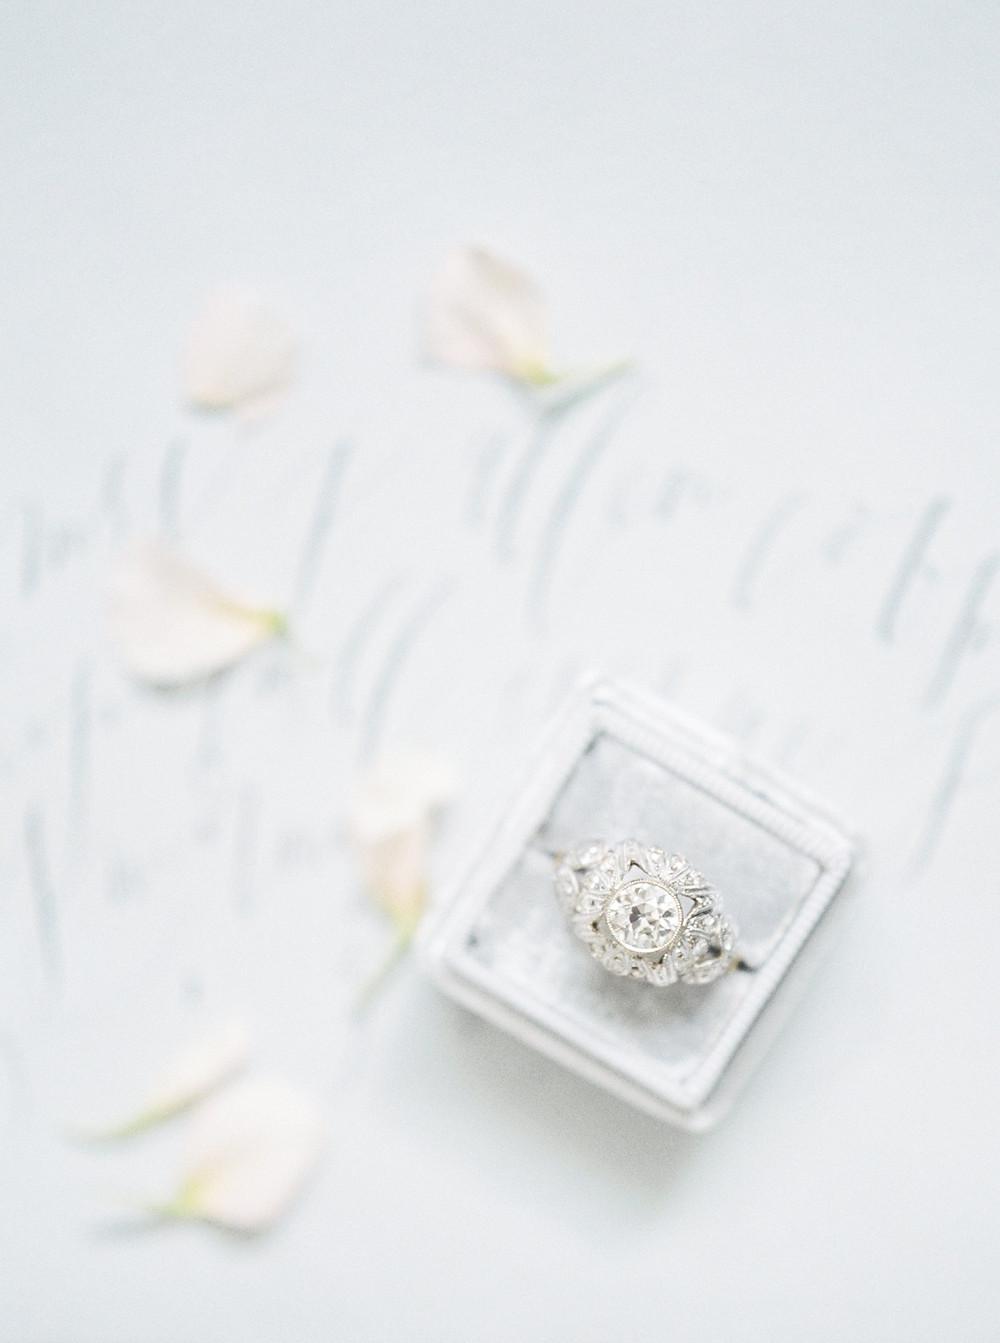 diamond ring in white mrs box velvet ring box